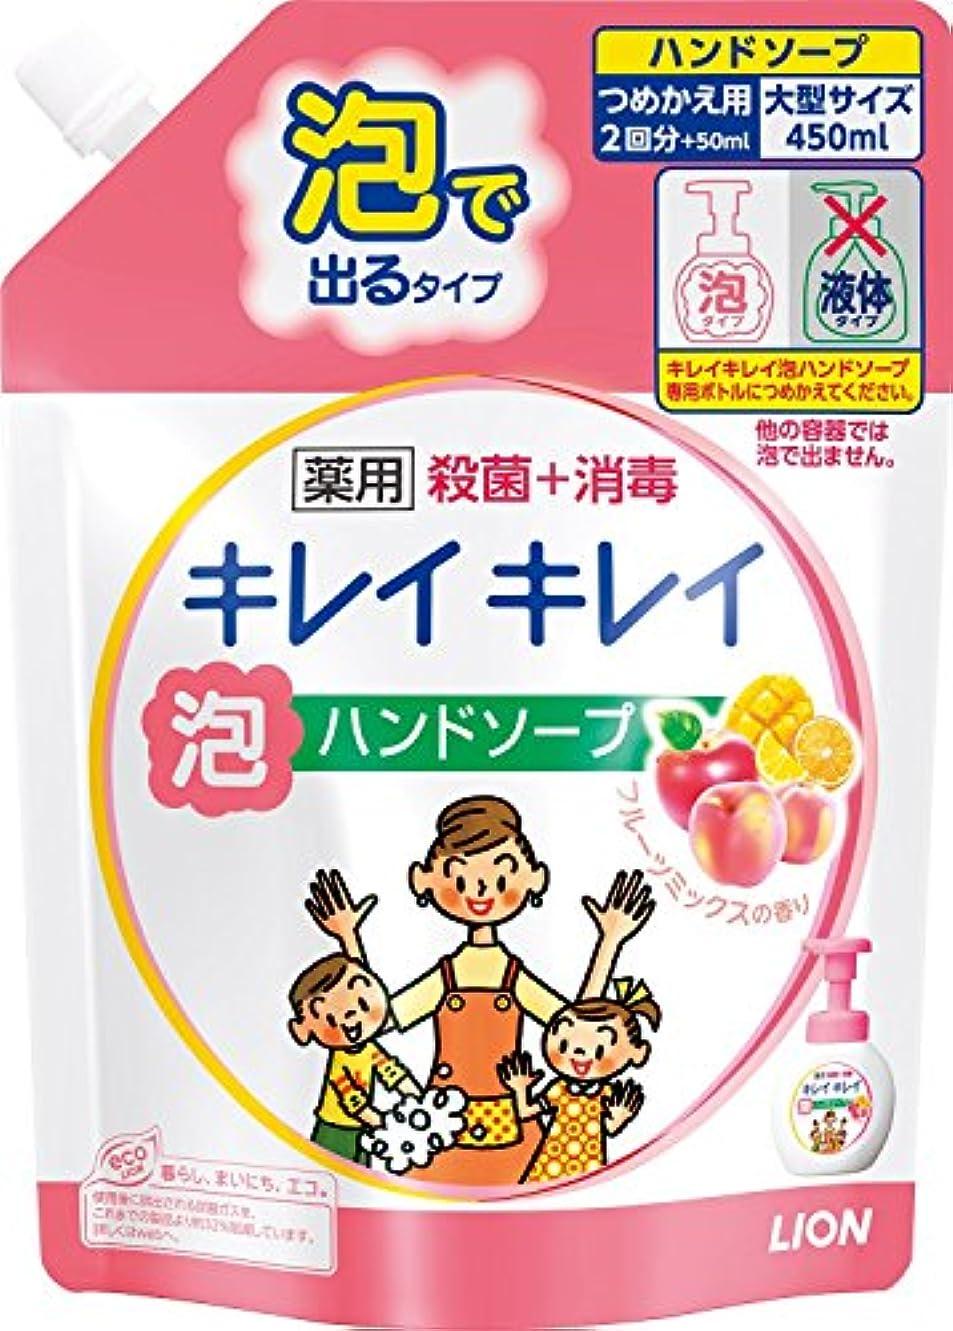 最大の相談するそれからキレイキレイ 薬用泡ハンドソープ フルーツミックスの香り つめかえ用 大型サイズ 450ml ×10個セット